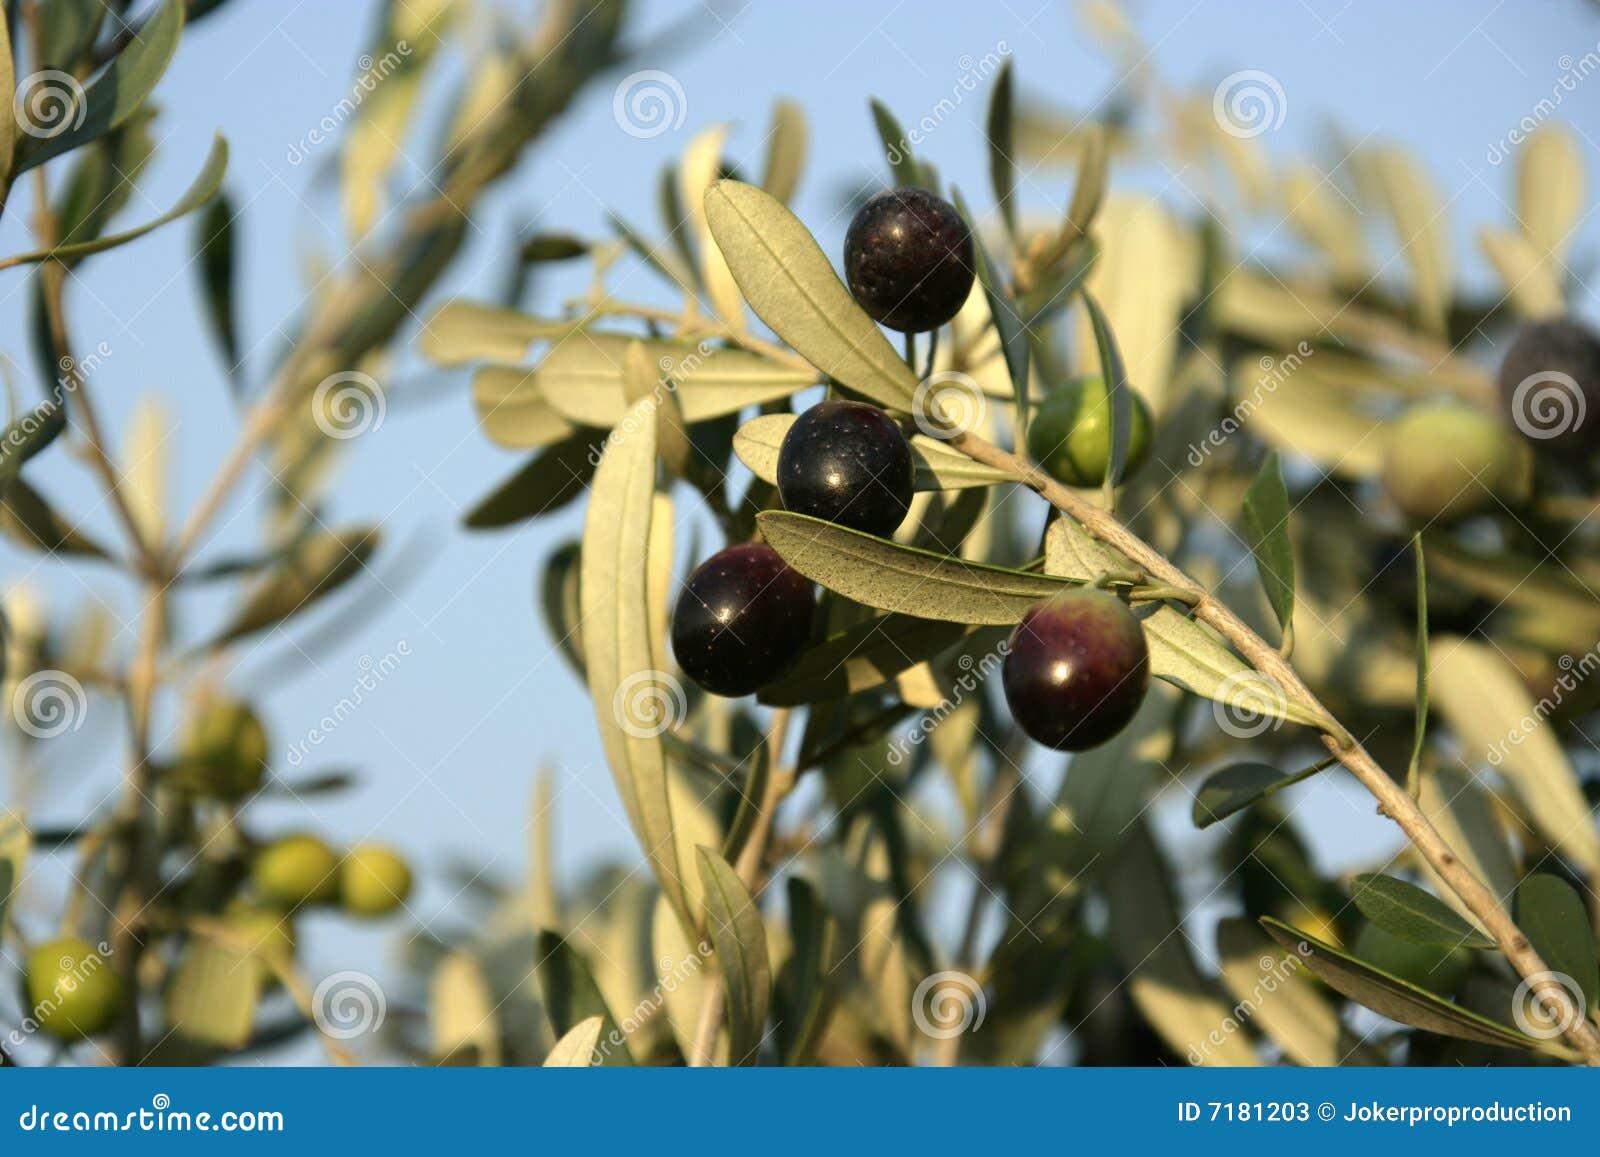 Di olivo immagine stock immagine di alimento olio for Acquisto piante olivo